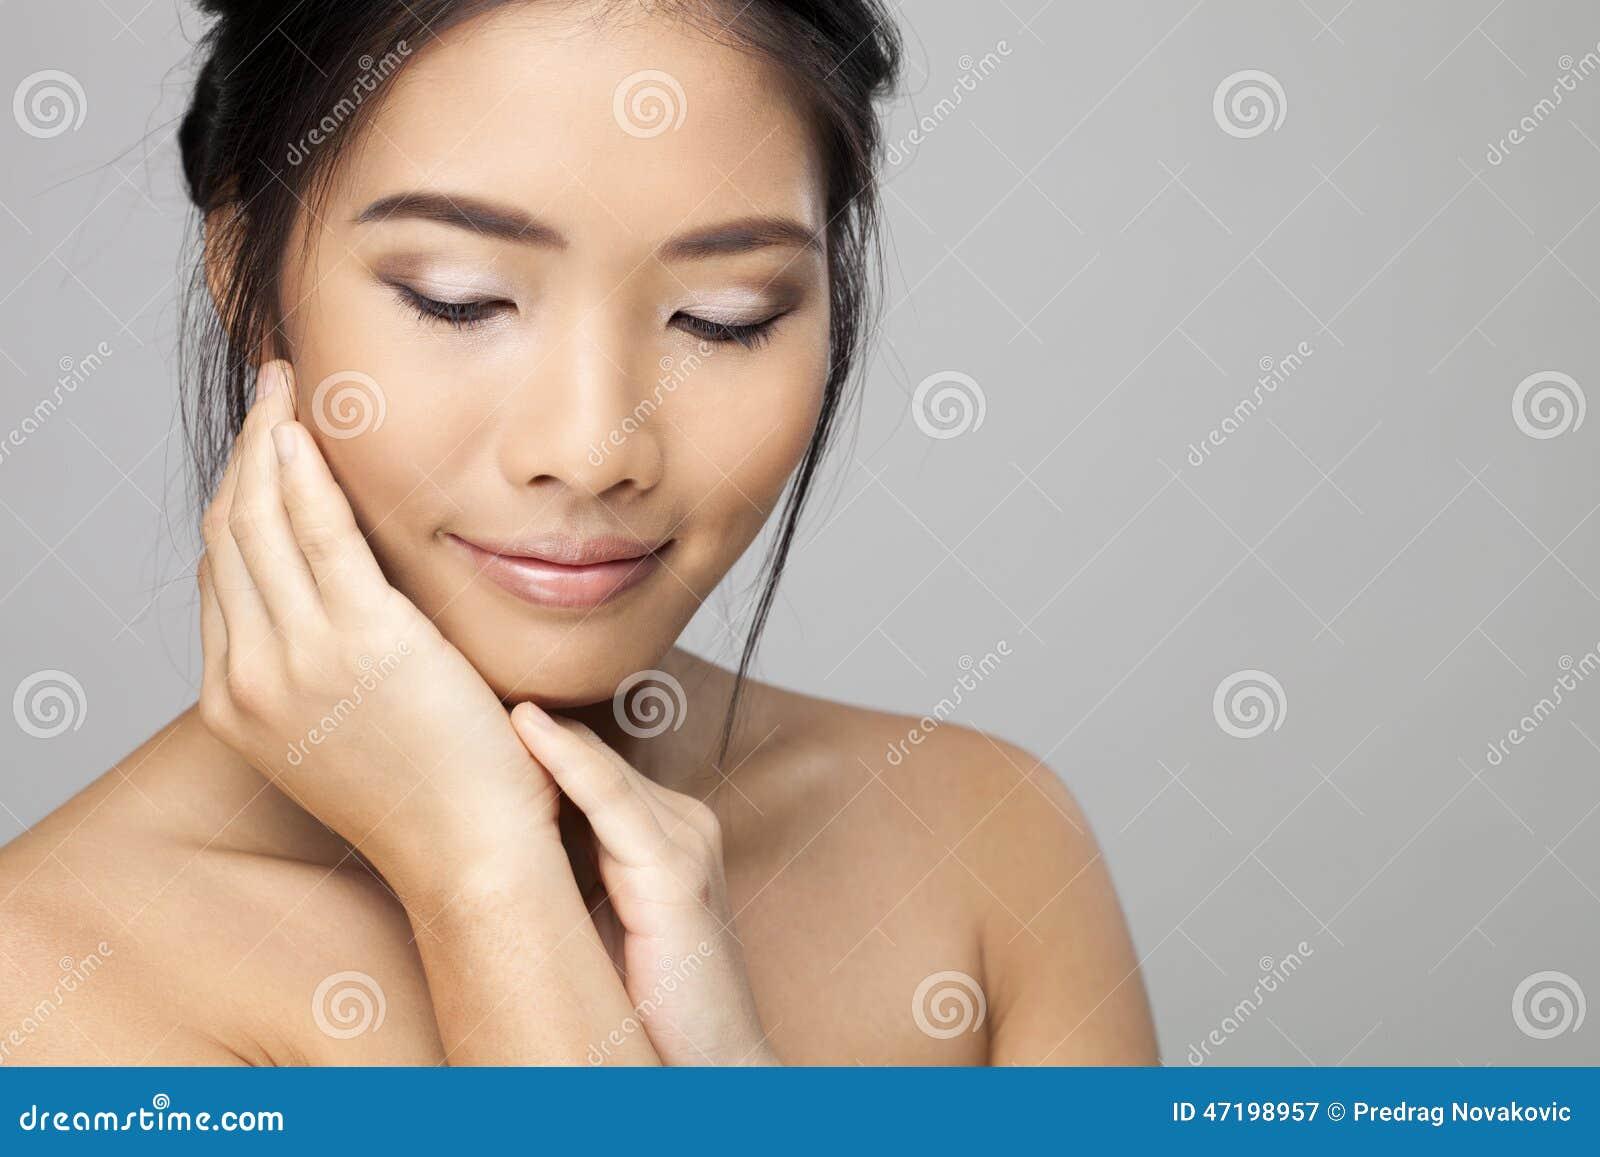 belle femme asiatique photo stock image 47198957. Black Bedroom Furniture Sets. Home Design Ideas